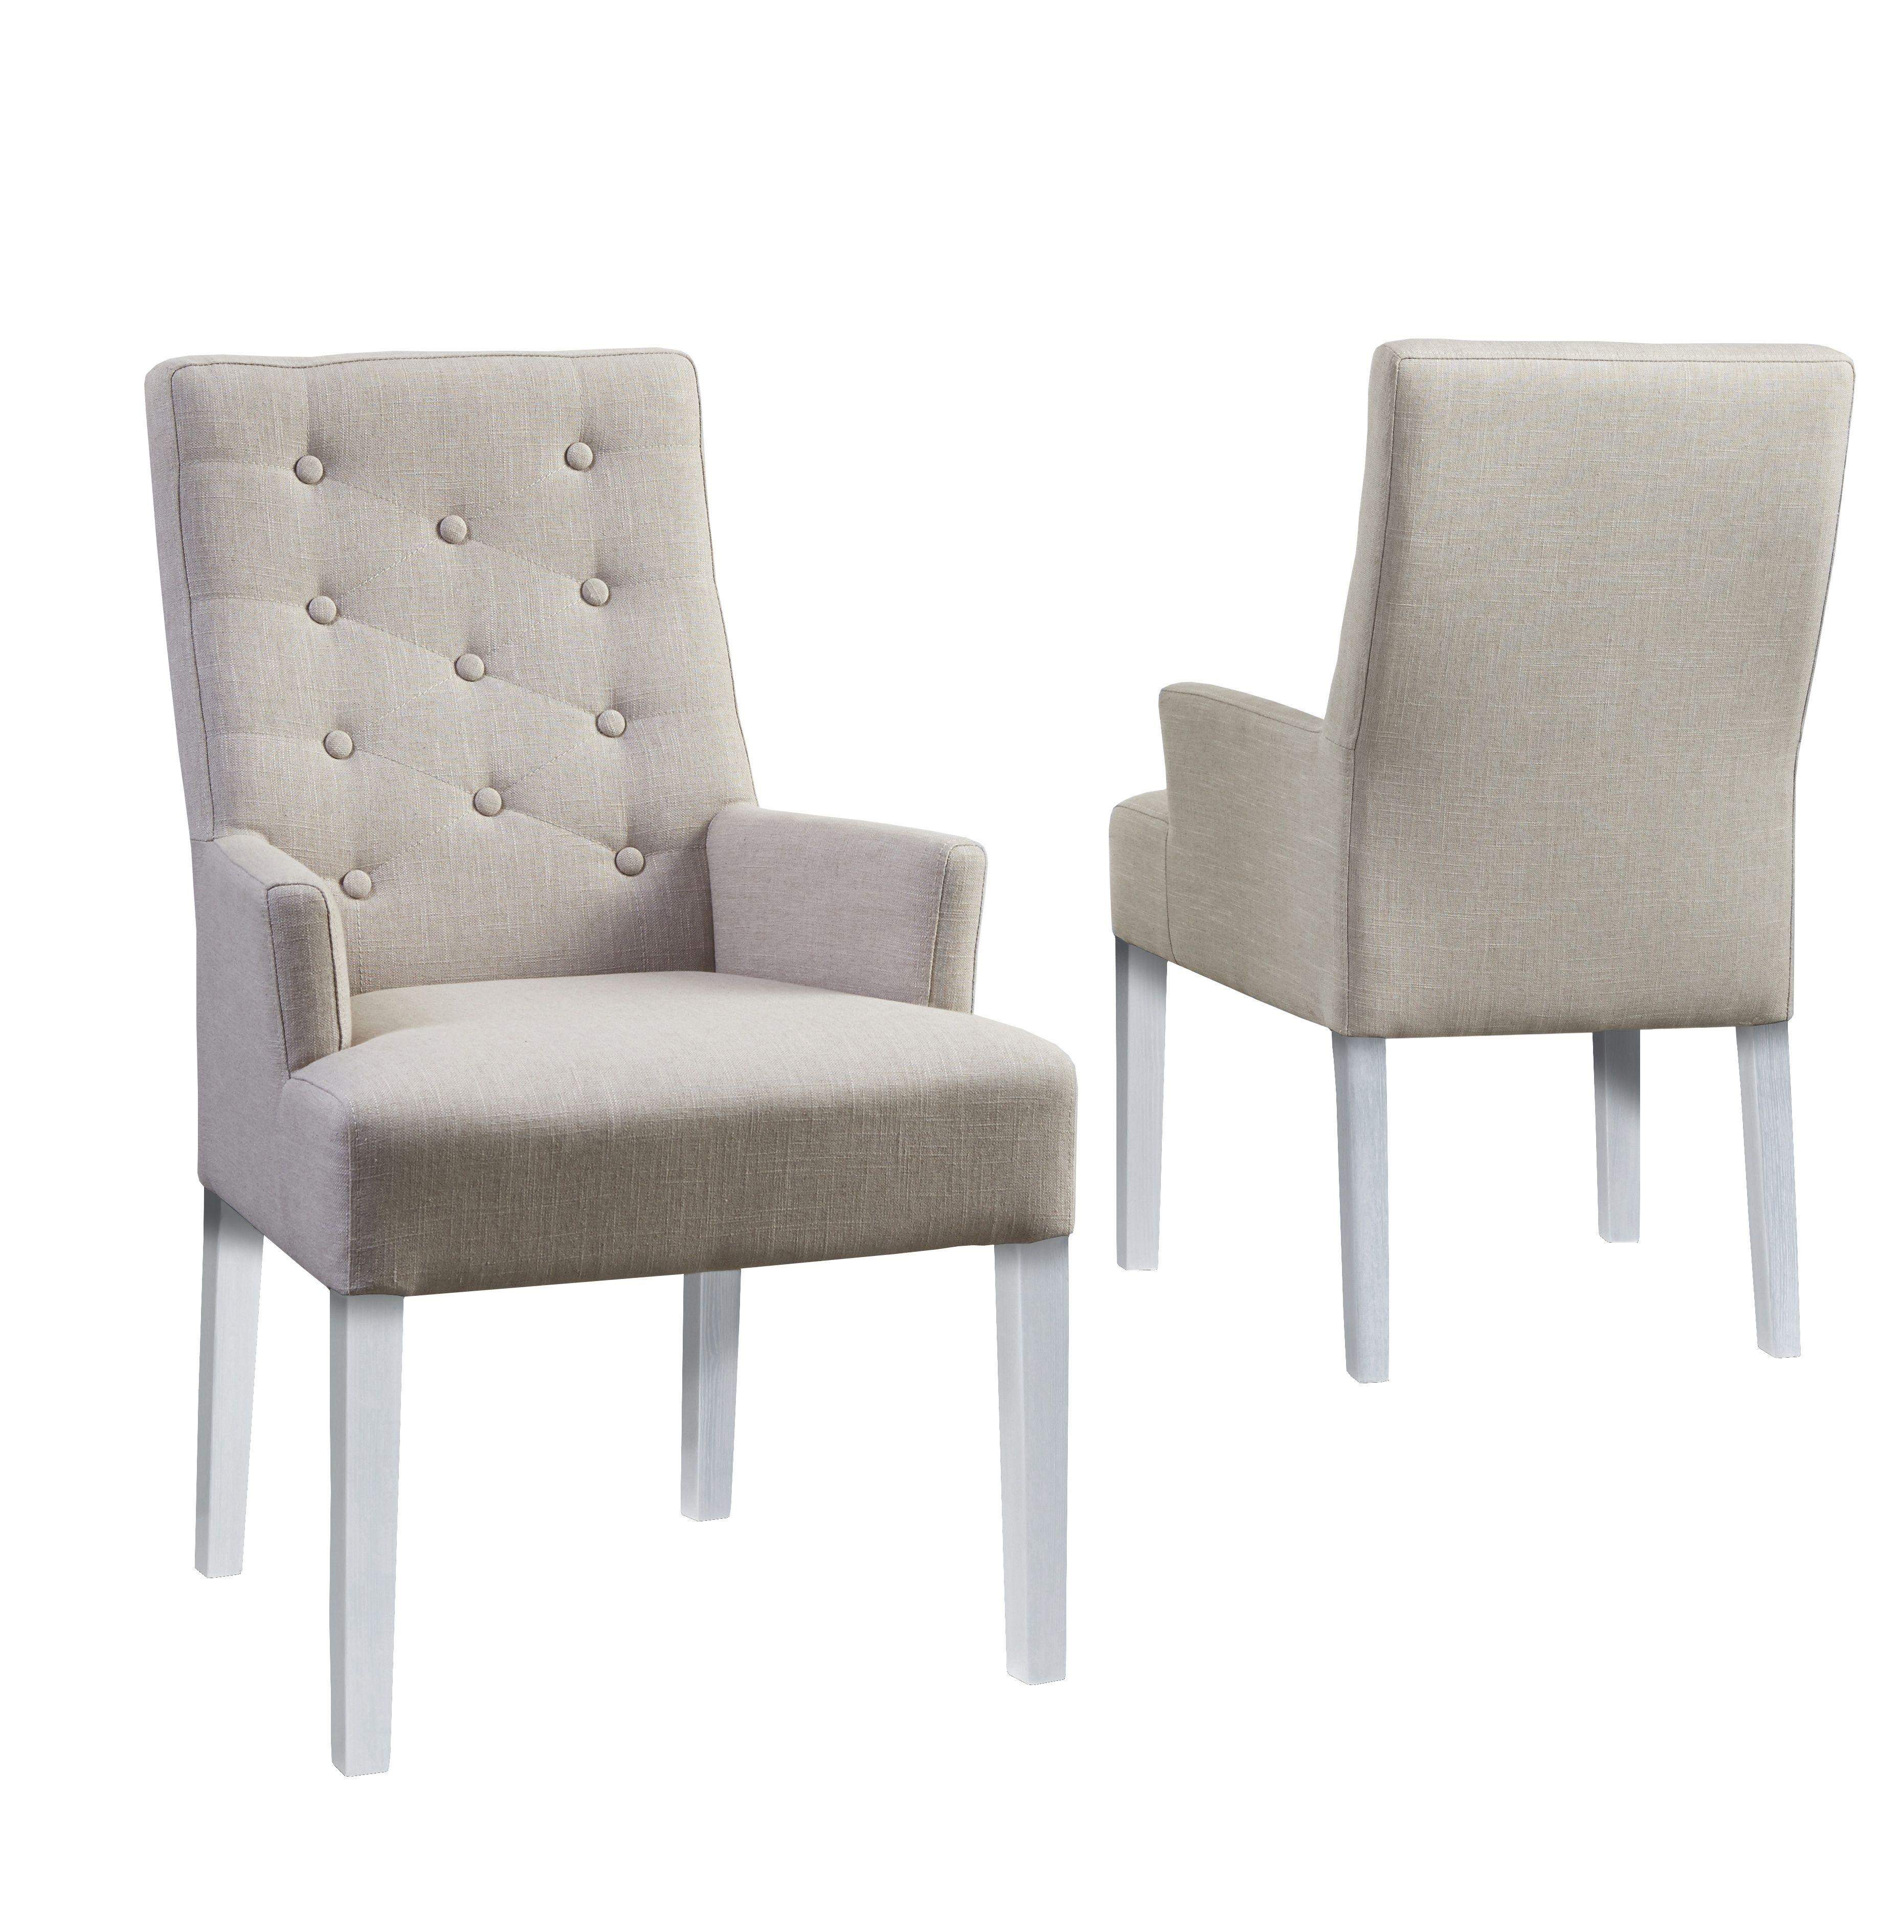 Stuhle Esszimmer Beige #21: Stuhl Beige/ Weiss Woody 112-00834 Stoff Klassisch Jetzt Bestellen Unter:  Https://moebel.ladendirekt.de/kueche-und-esszimmer/stuehle-und-hocker/ ...